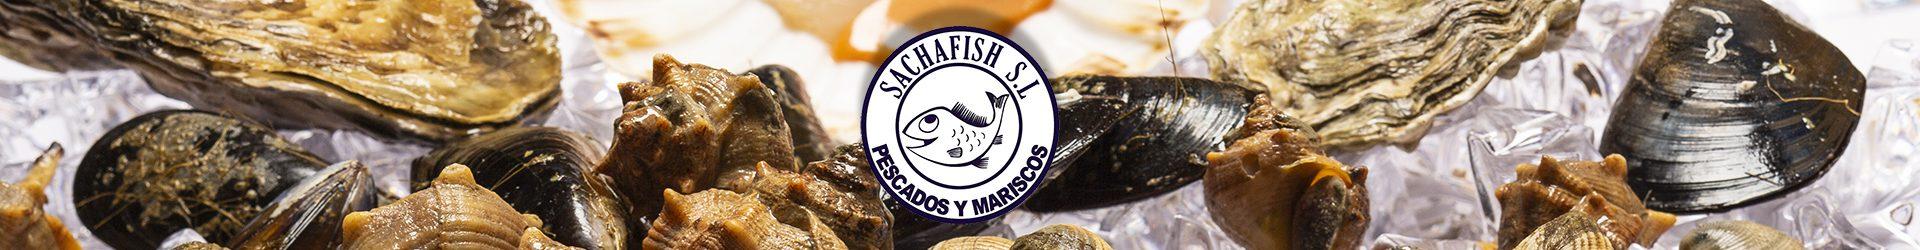 Sachafish Mayoristas de pescado y mariscos en Mercamadrid